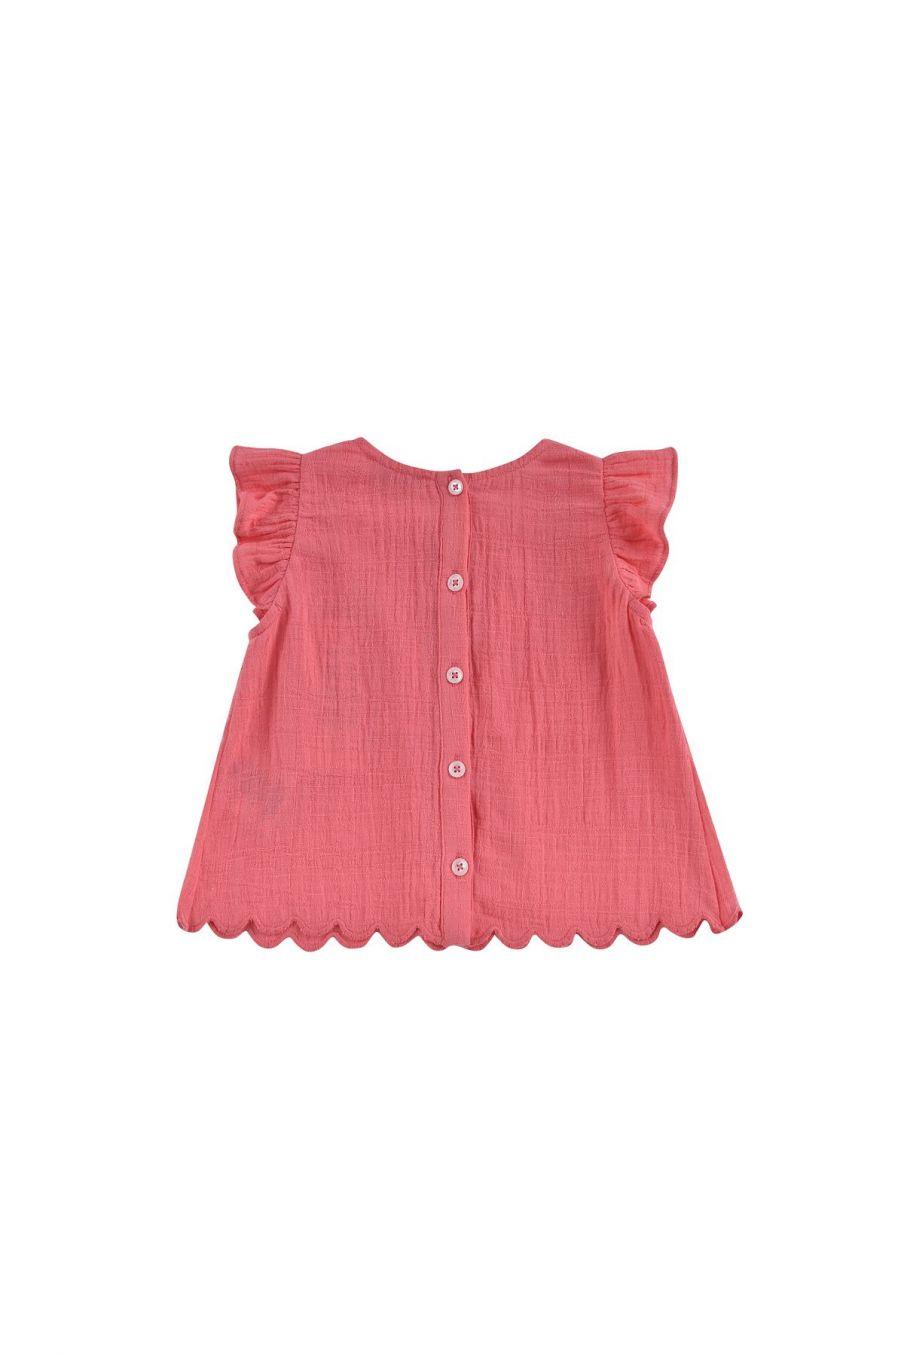 boheme chic vintage blouse bébé fille carmen framboise